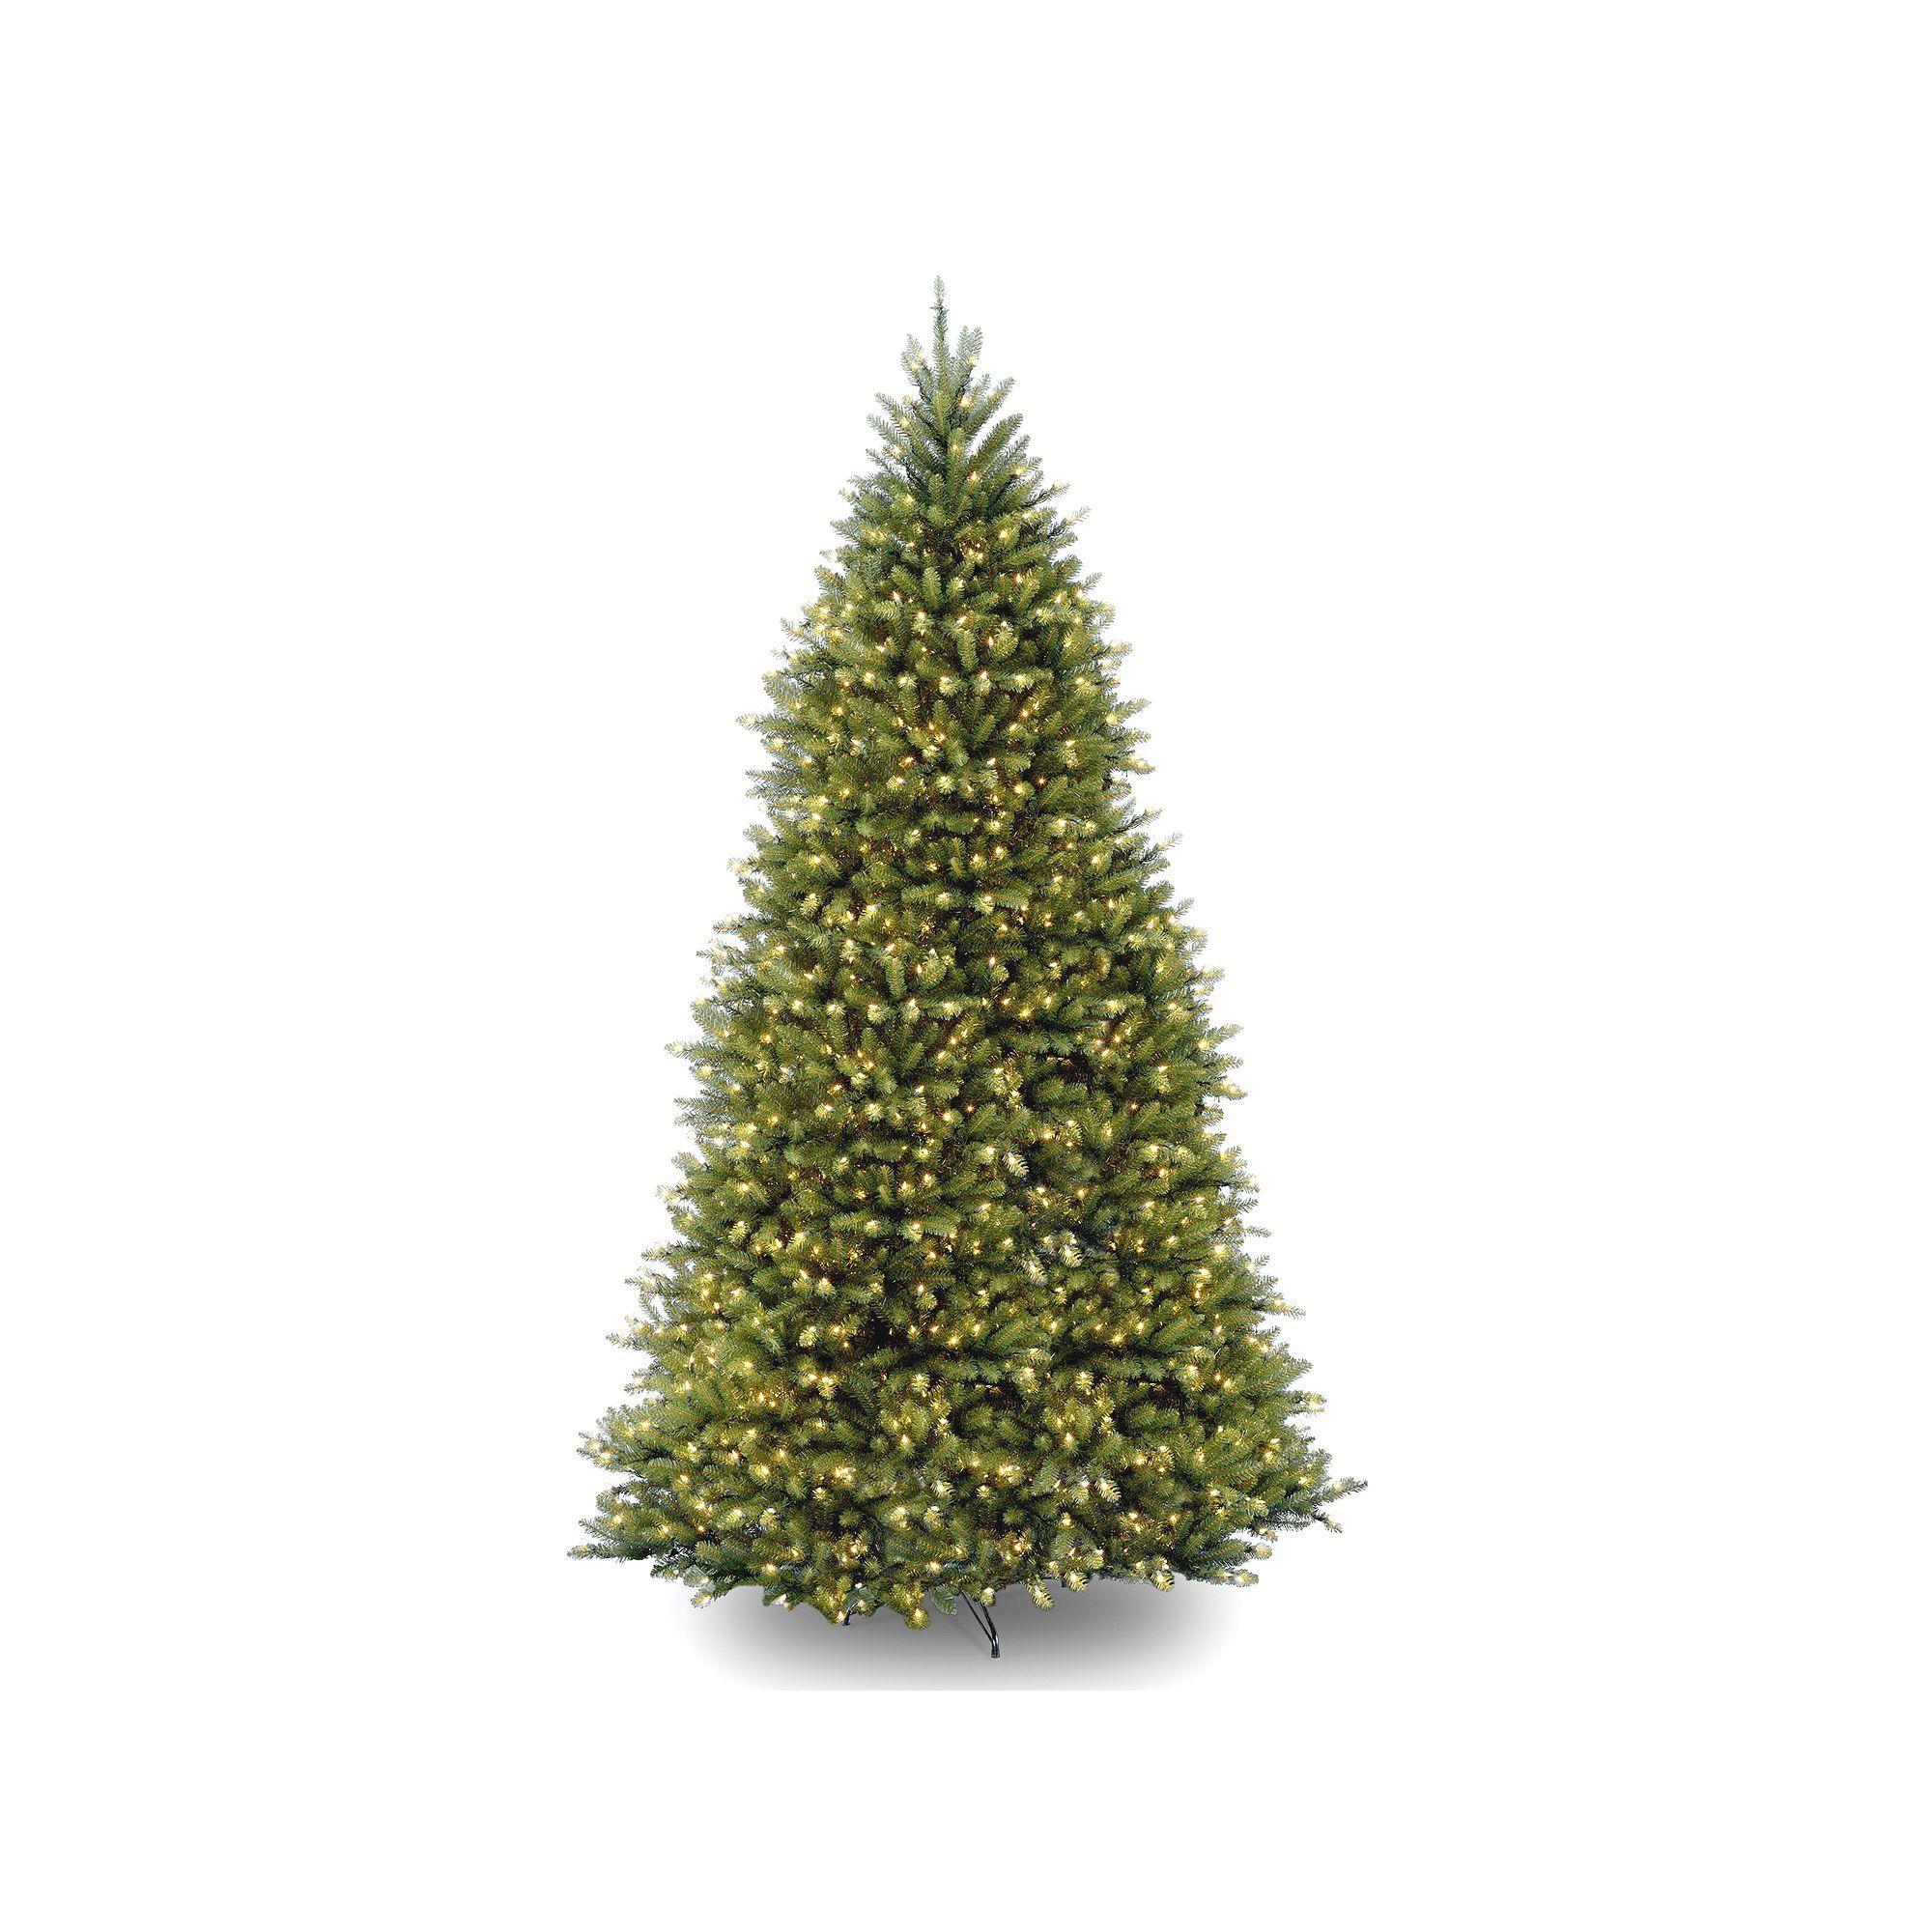 10 ft pre lit dunhill fir artificial christmas tree green - 10 Ft Artificial Christmas Trees